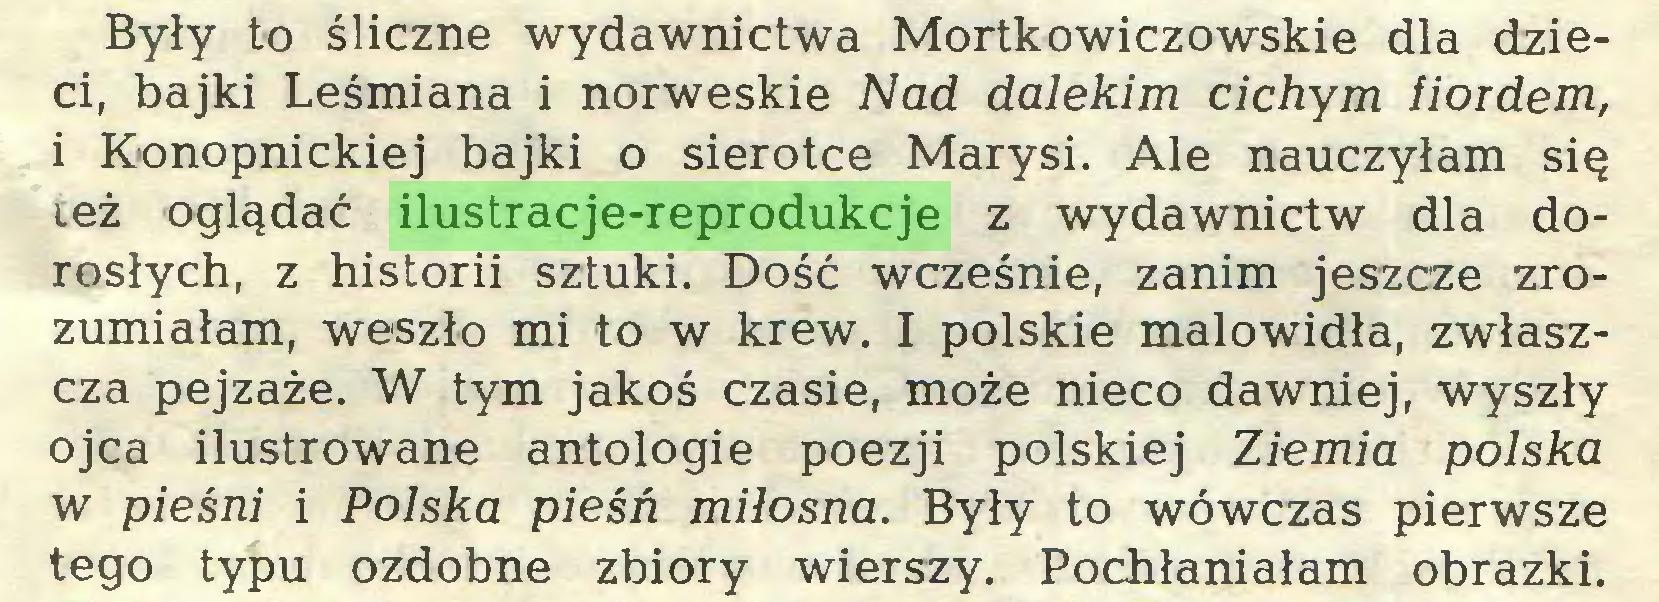 (...) Były to śliczne wydawnictwa Mortkowiczowskie dla dzieci, bajki Leśmiana i norweskie Nad dalekim cichym fiordem, i Konopnickiej bajki o sierotce Marysi. Ale nauczyłam się też oglądać ilustracje-reprodukcje z wydawnictw dla dorosłych, z historii sztuki. Dość wcześnie, zanim jeszcze zrozumiałam, weszło mi to w krew. I polskie malowidła, zwłaszcza pejzaże. W tym jakoś czasie, może nieco dawniej, wyszły ojca ilustrowane antologie poezji polskiej Ziemia polska w pieśni i Polska pieśń miłosna. Były to wówczas pierwsze tego typu ozdobne zbiory wierszy. Pochłaniałam obrazki...